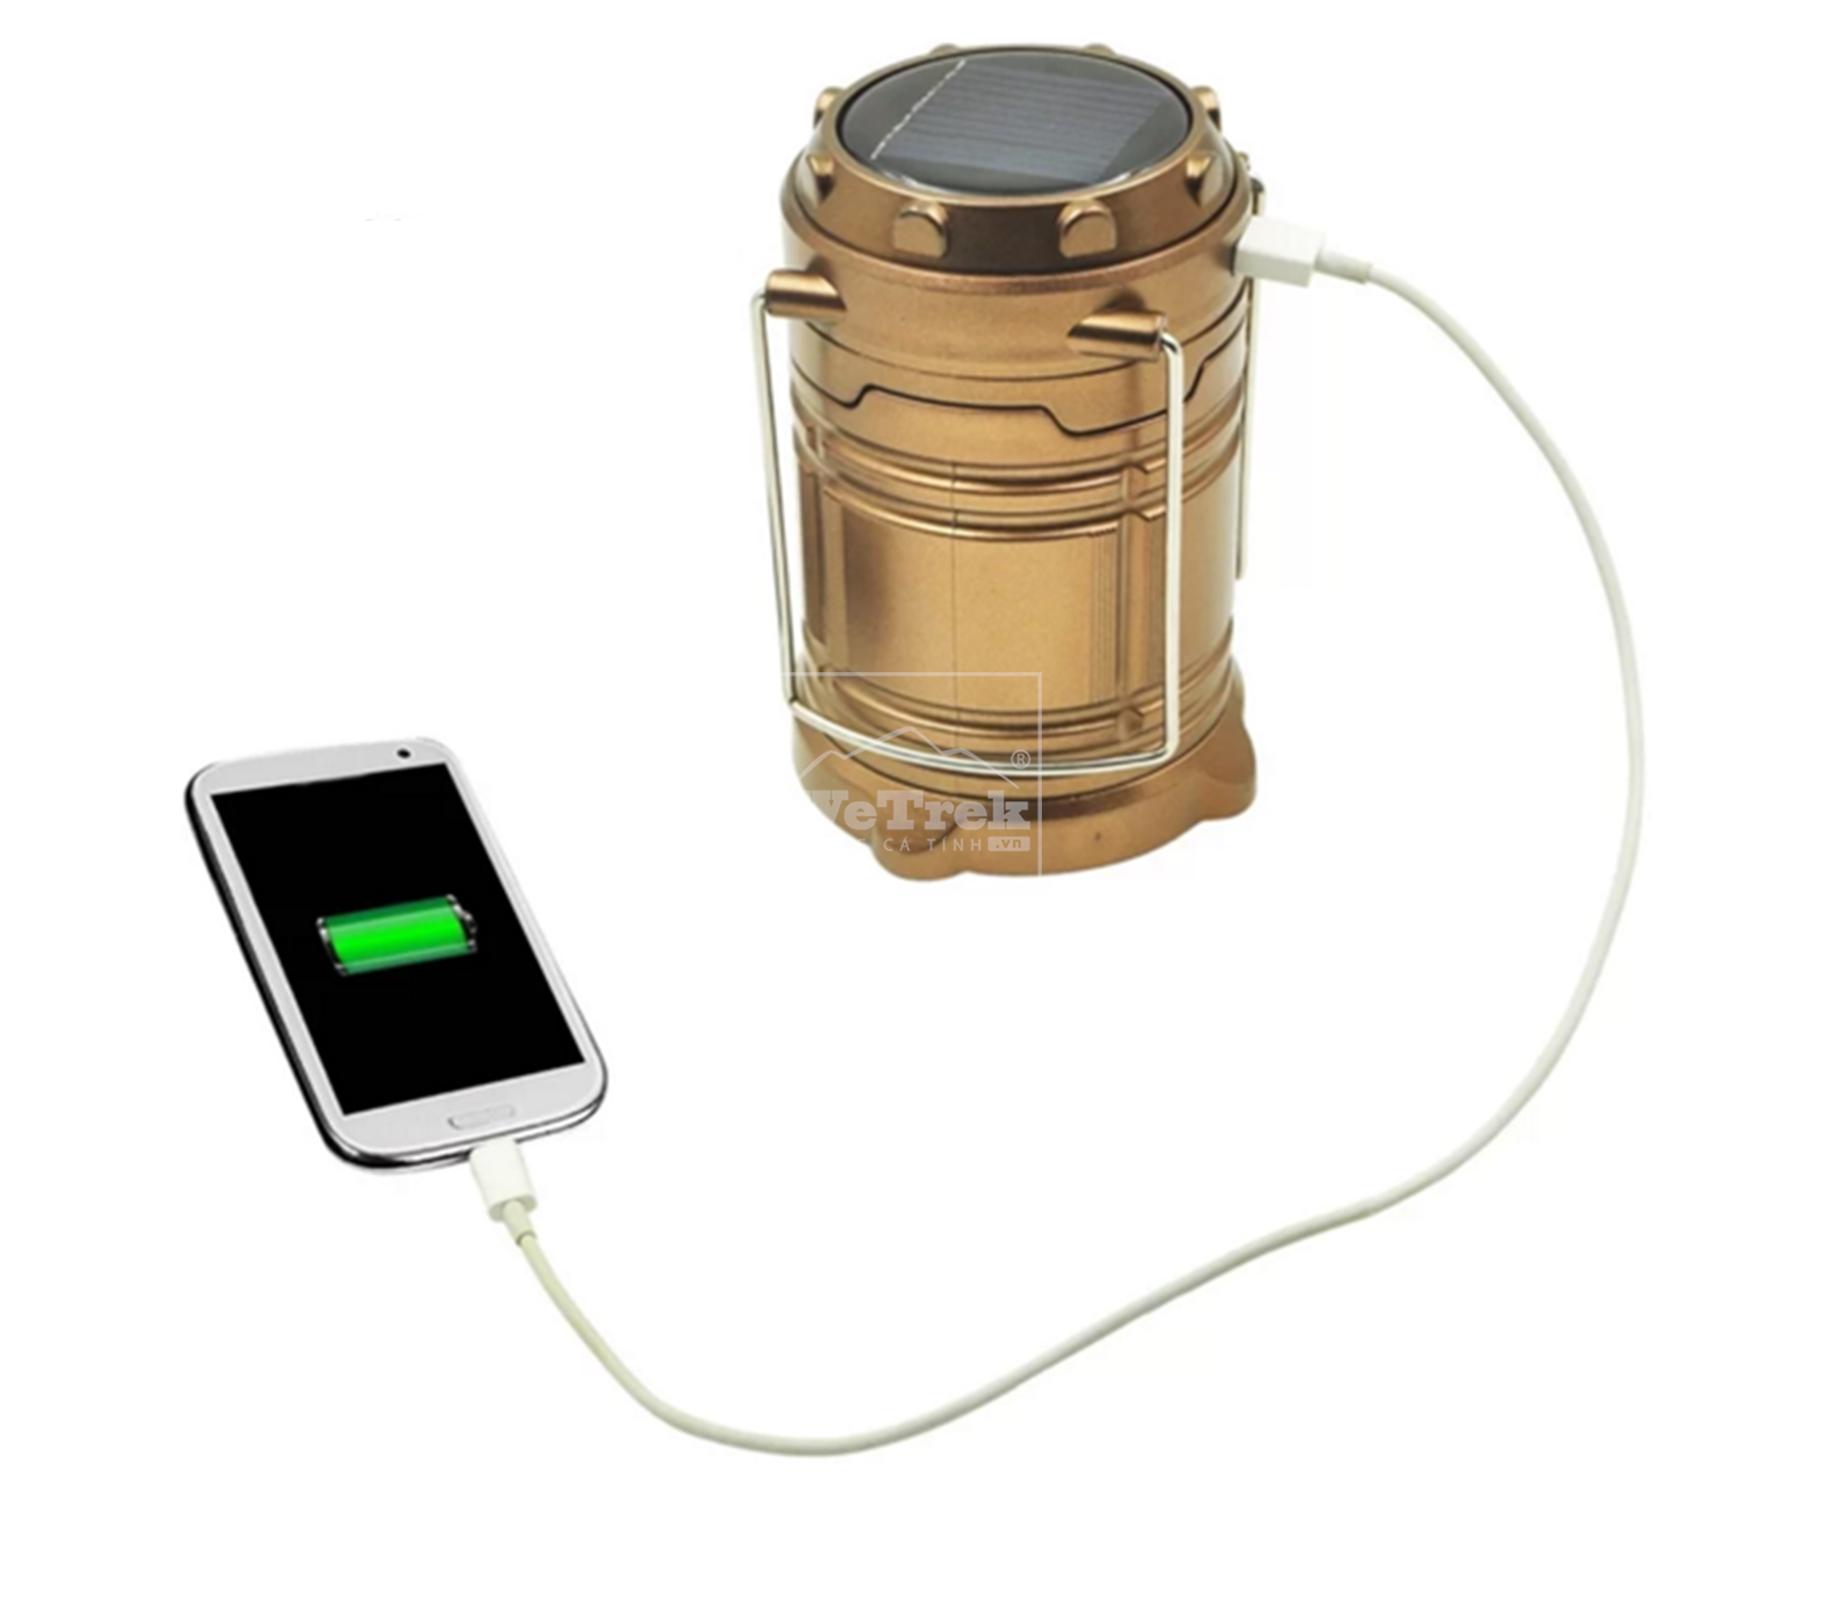 den-leu-6-1-led-rechareable-camping-lantern-jh-5800t-wetrek.vn-5